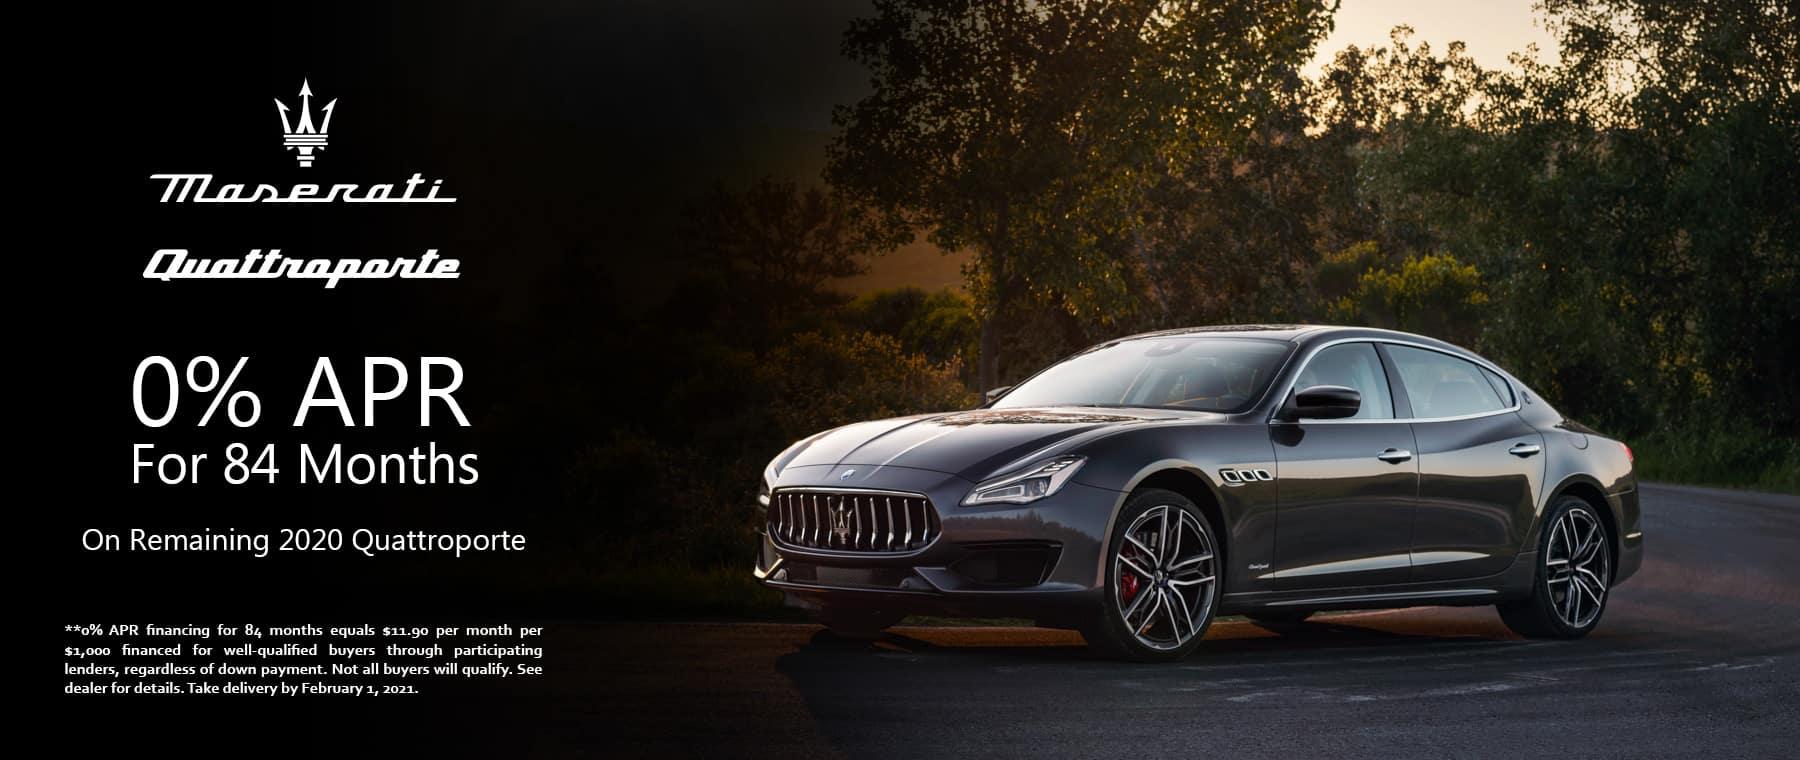 SLIDE_Maserati_Quattroporte_APR_2